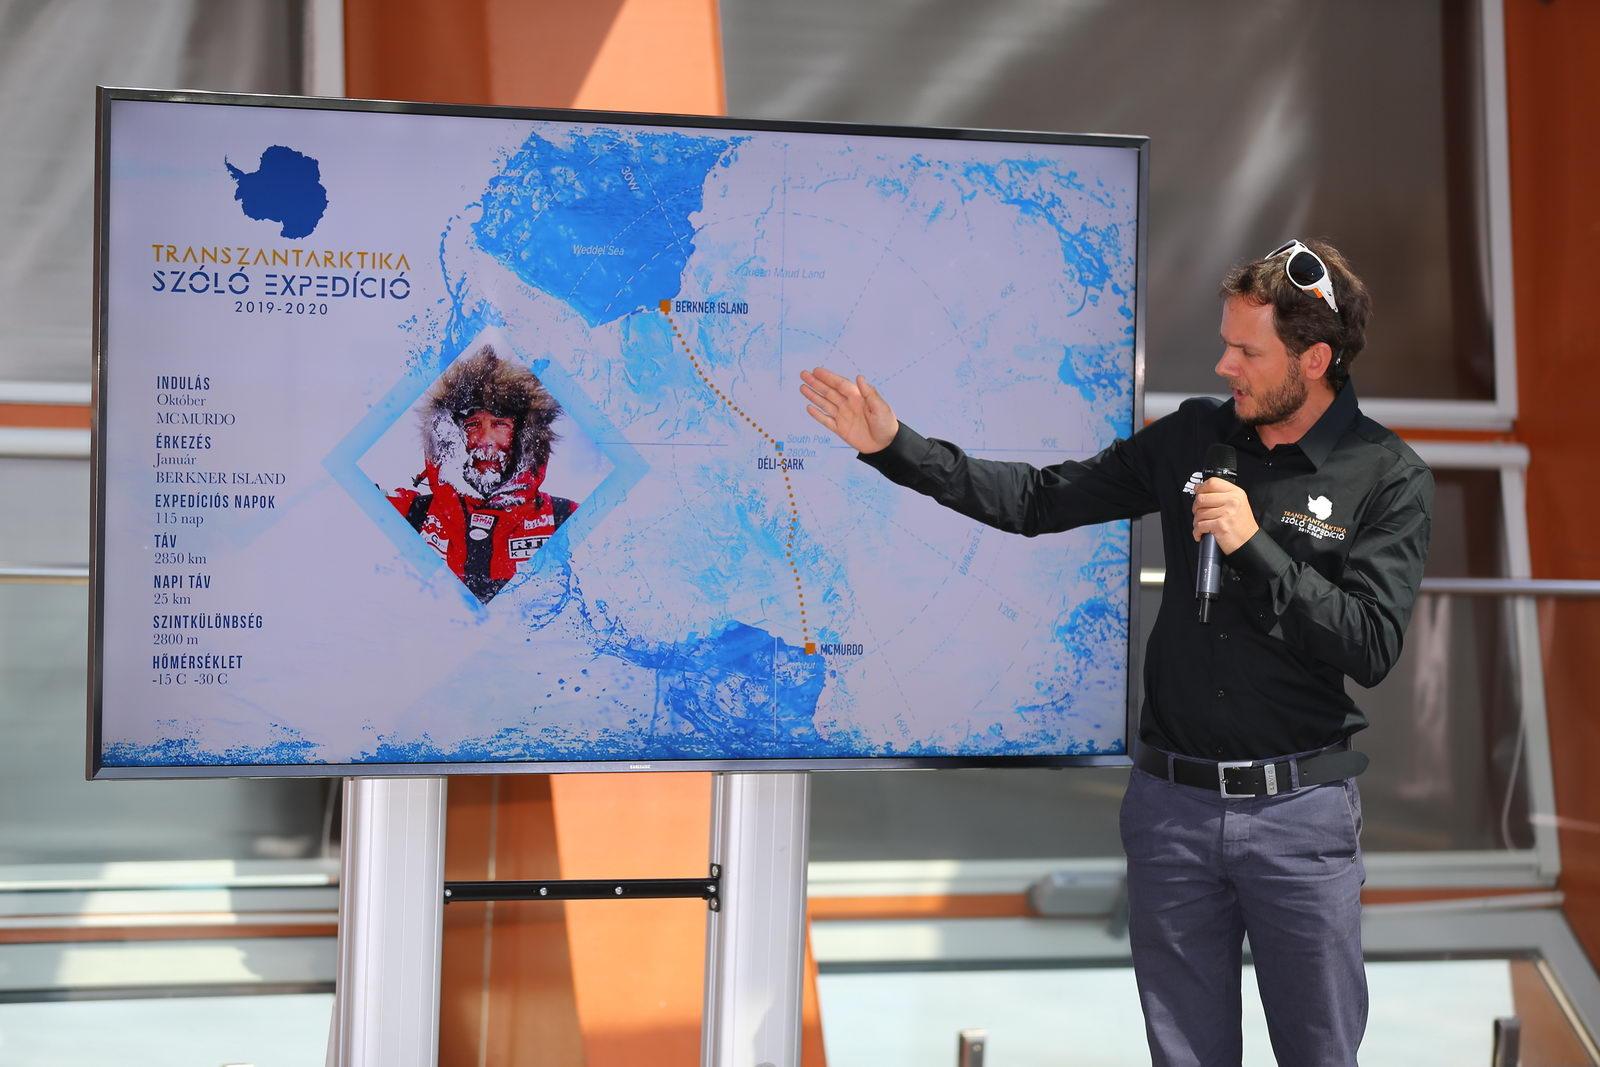 Rakonczay Gábor a sajtó számára mutatja be a terveket Forrás: Transzantarktika expedíció 2019-20